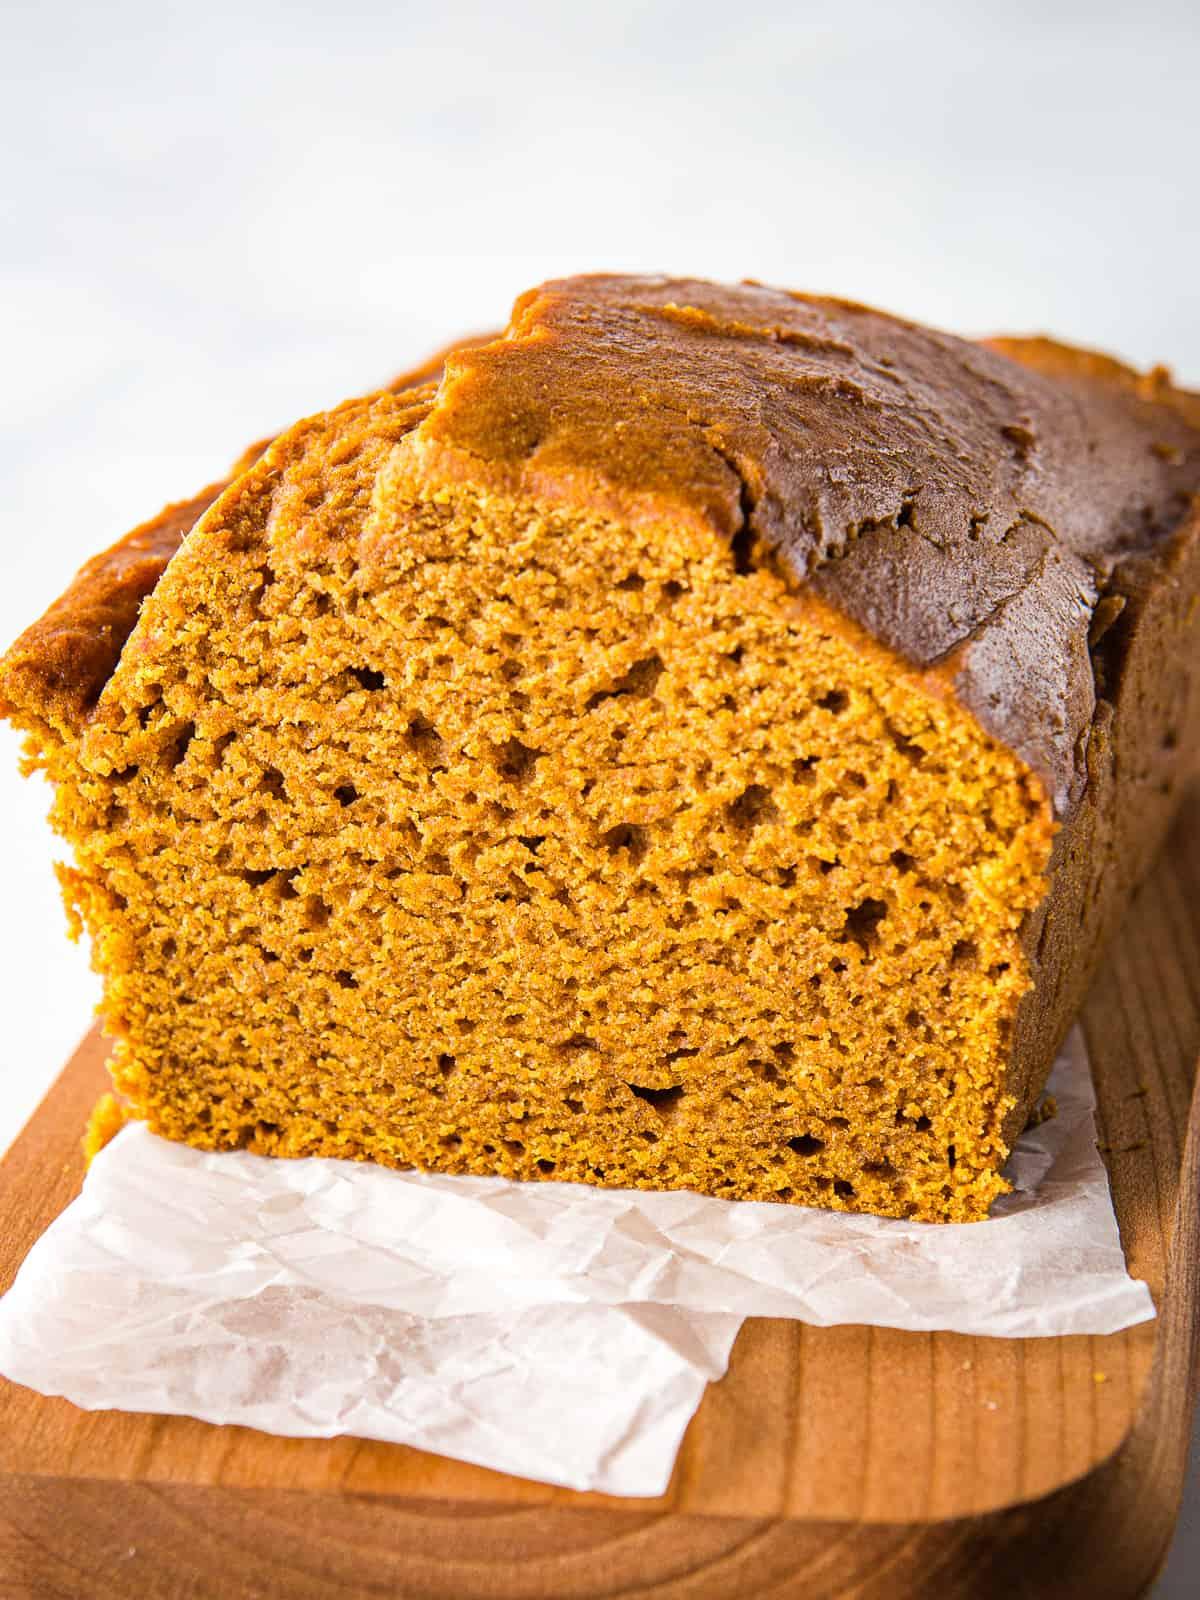 Gluten-Free pumpkin bread on a wood board.